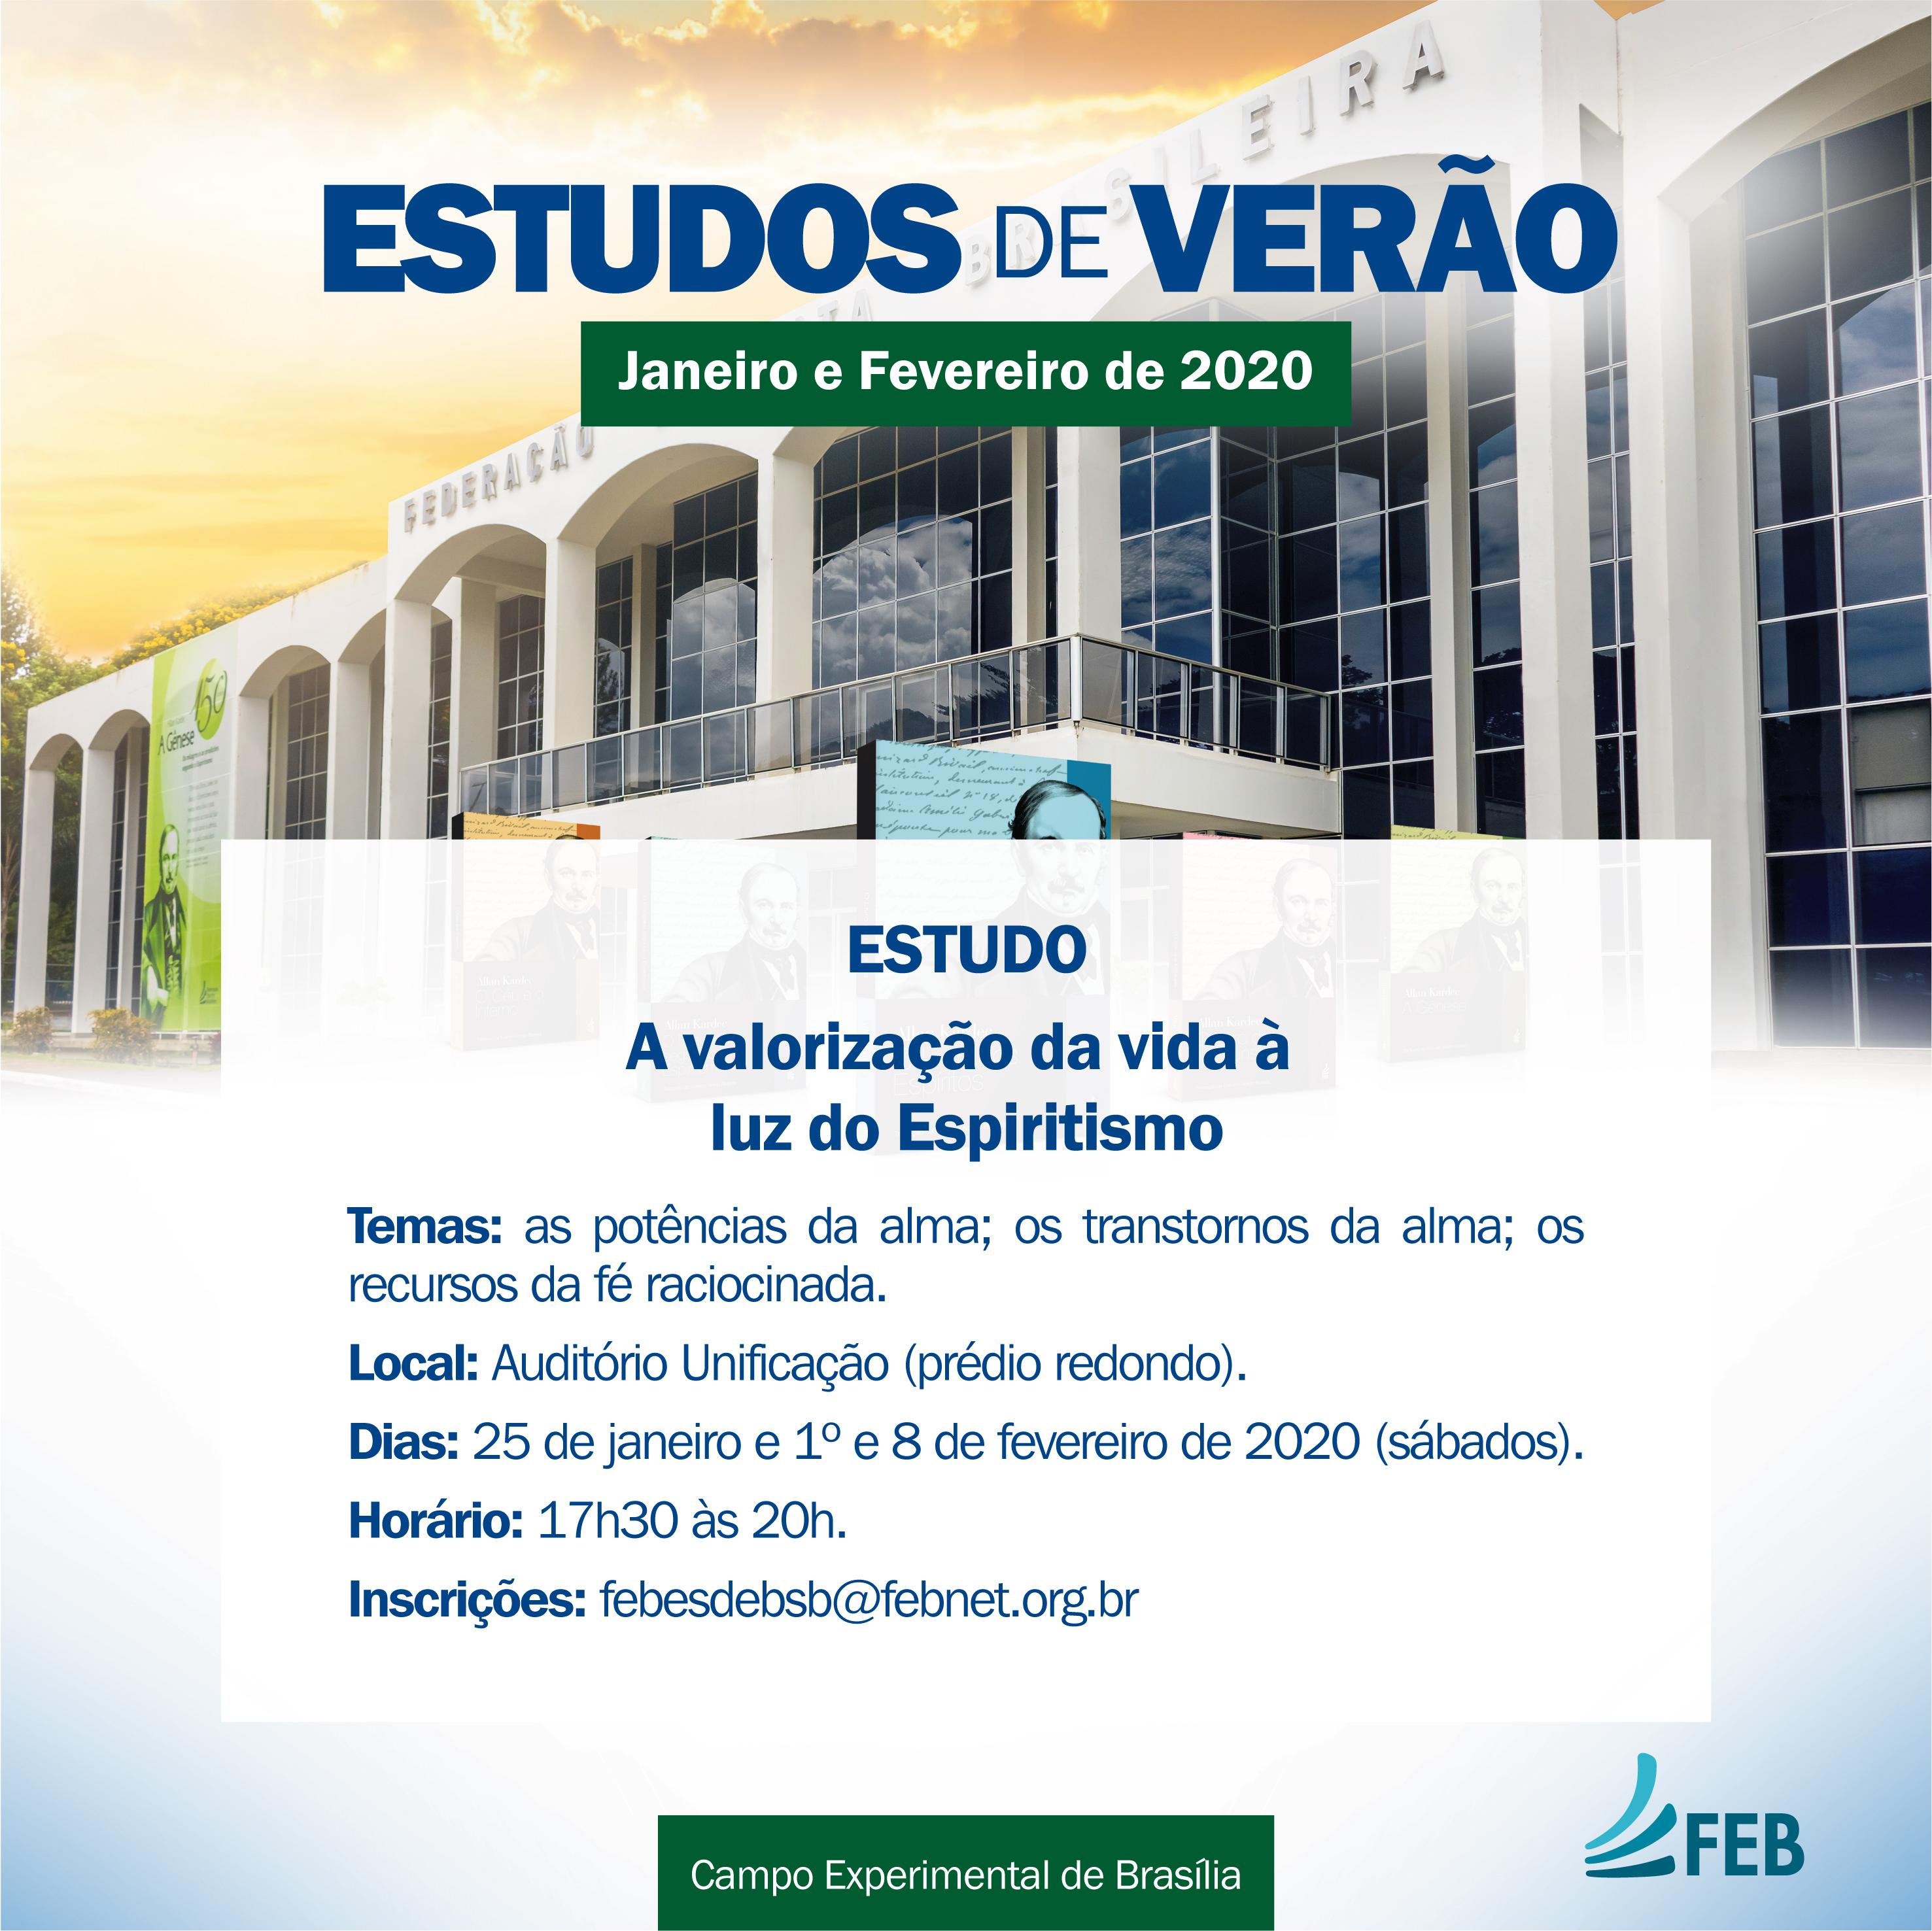 ESTUDO DE VERÃO 2019 What app-01